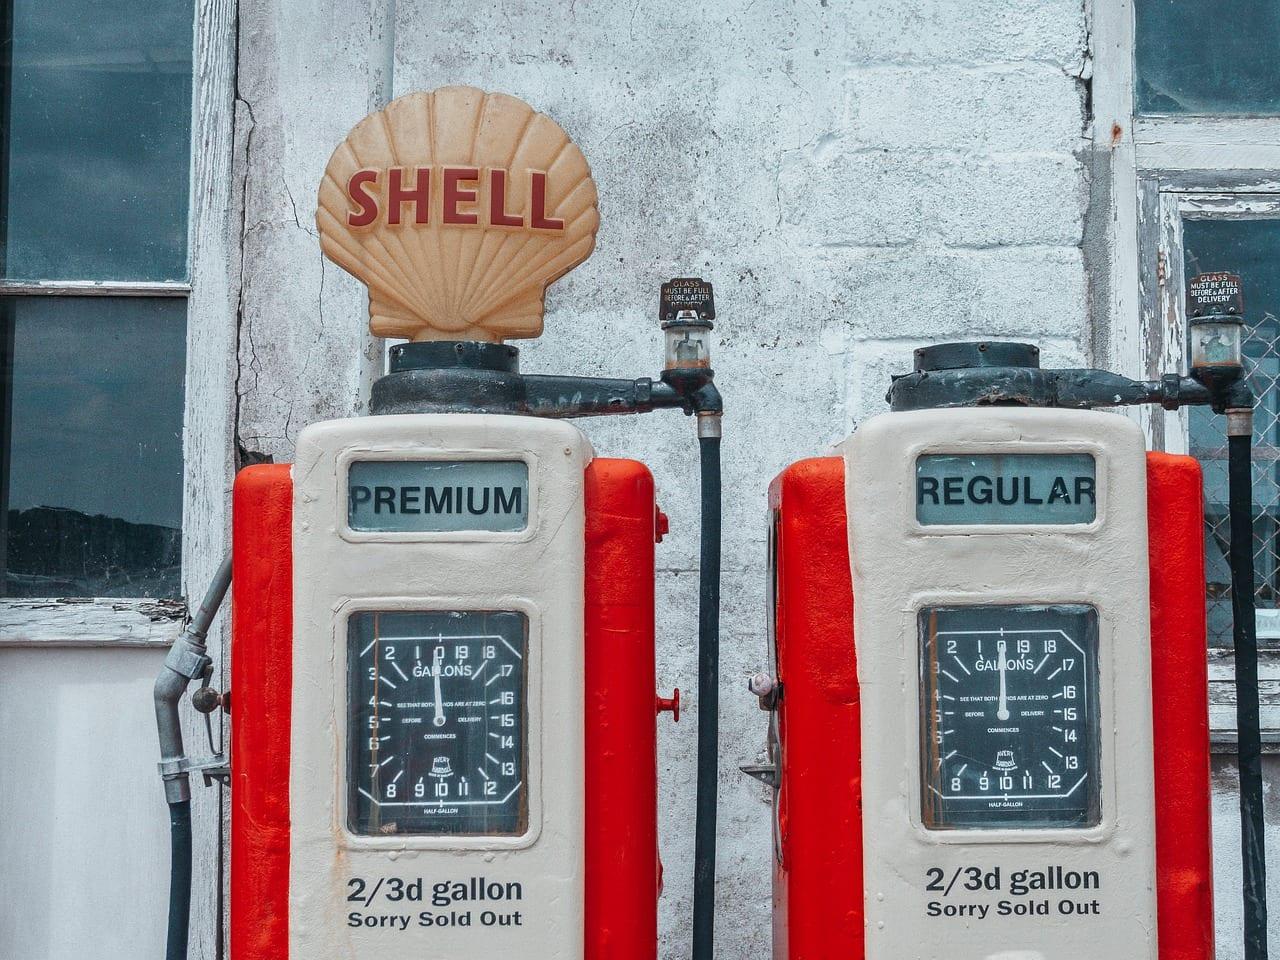 pompa di benzina shell